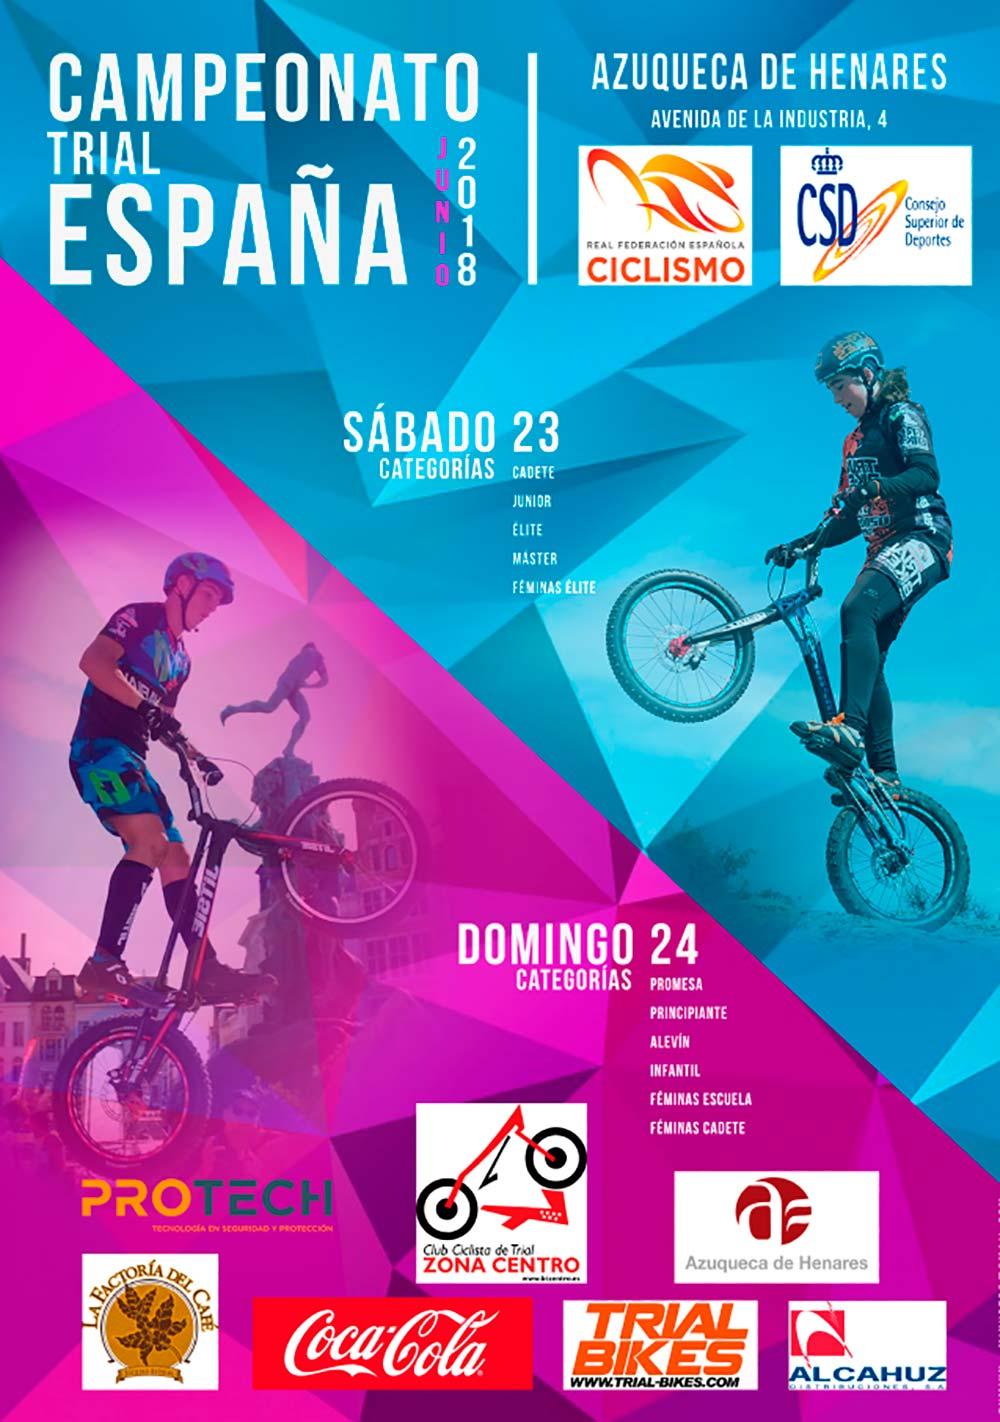 El Campeonato de España de Bike Trial 2018 llega a Azuqueca de Henares